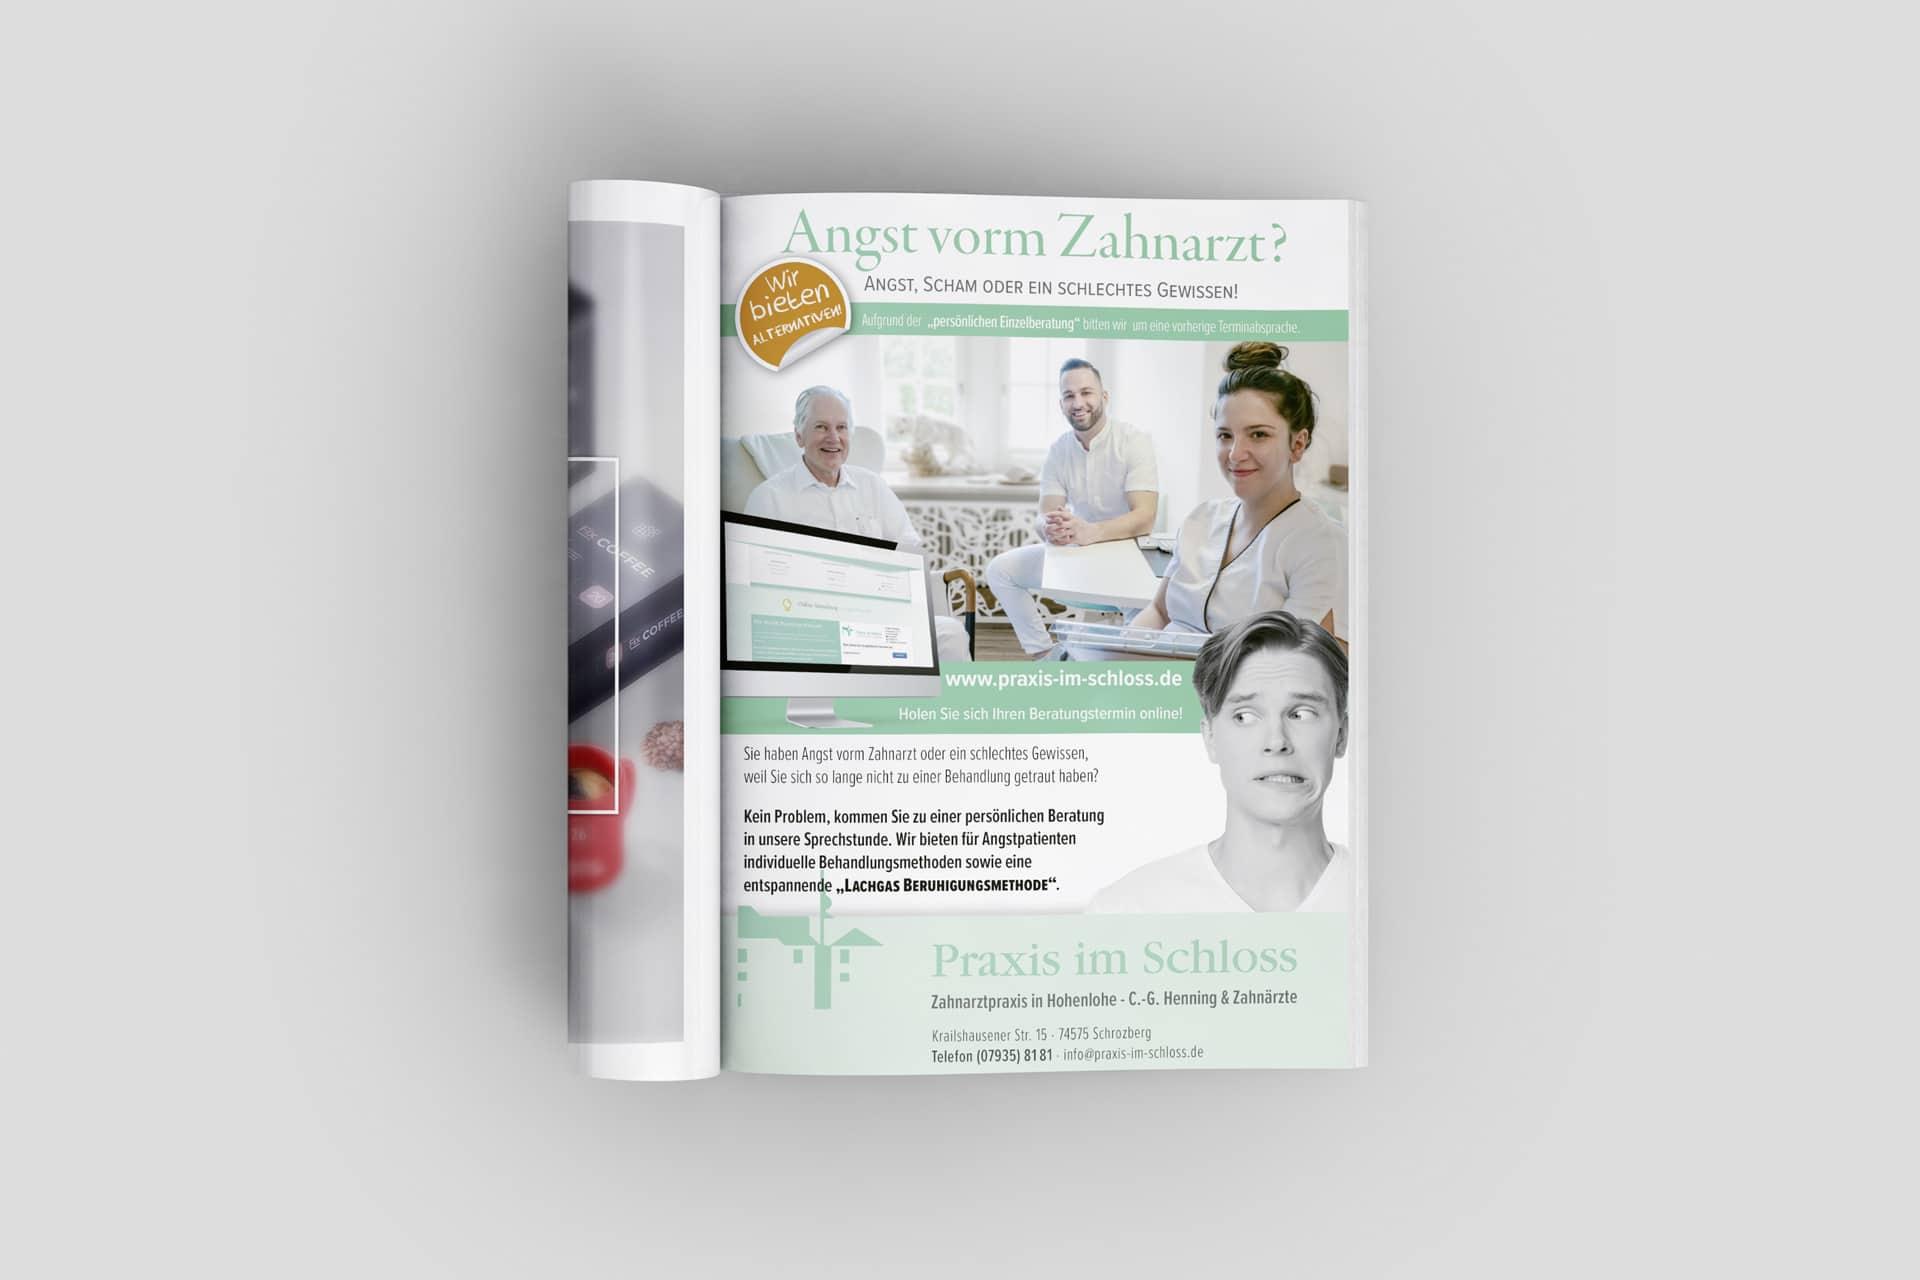 Anzeige für die Zahnarzt-Praxis im Schloss in Schrozberg